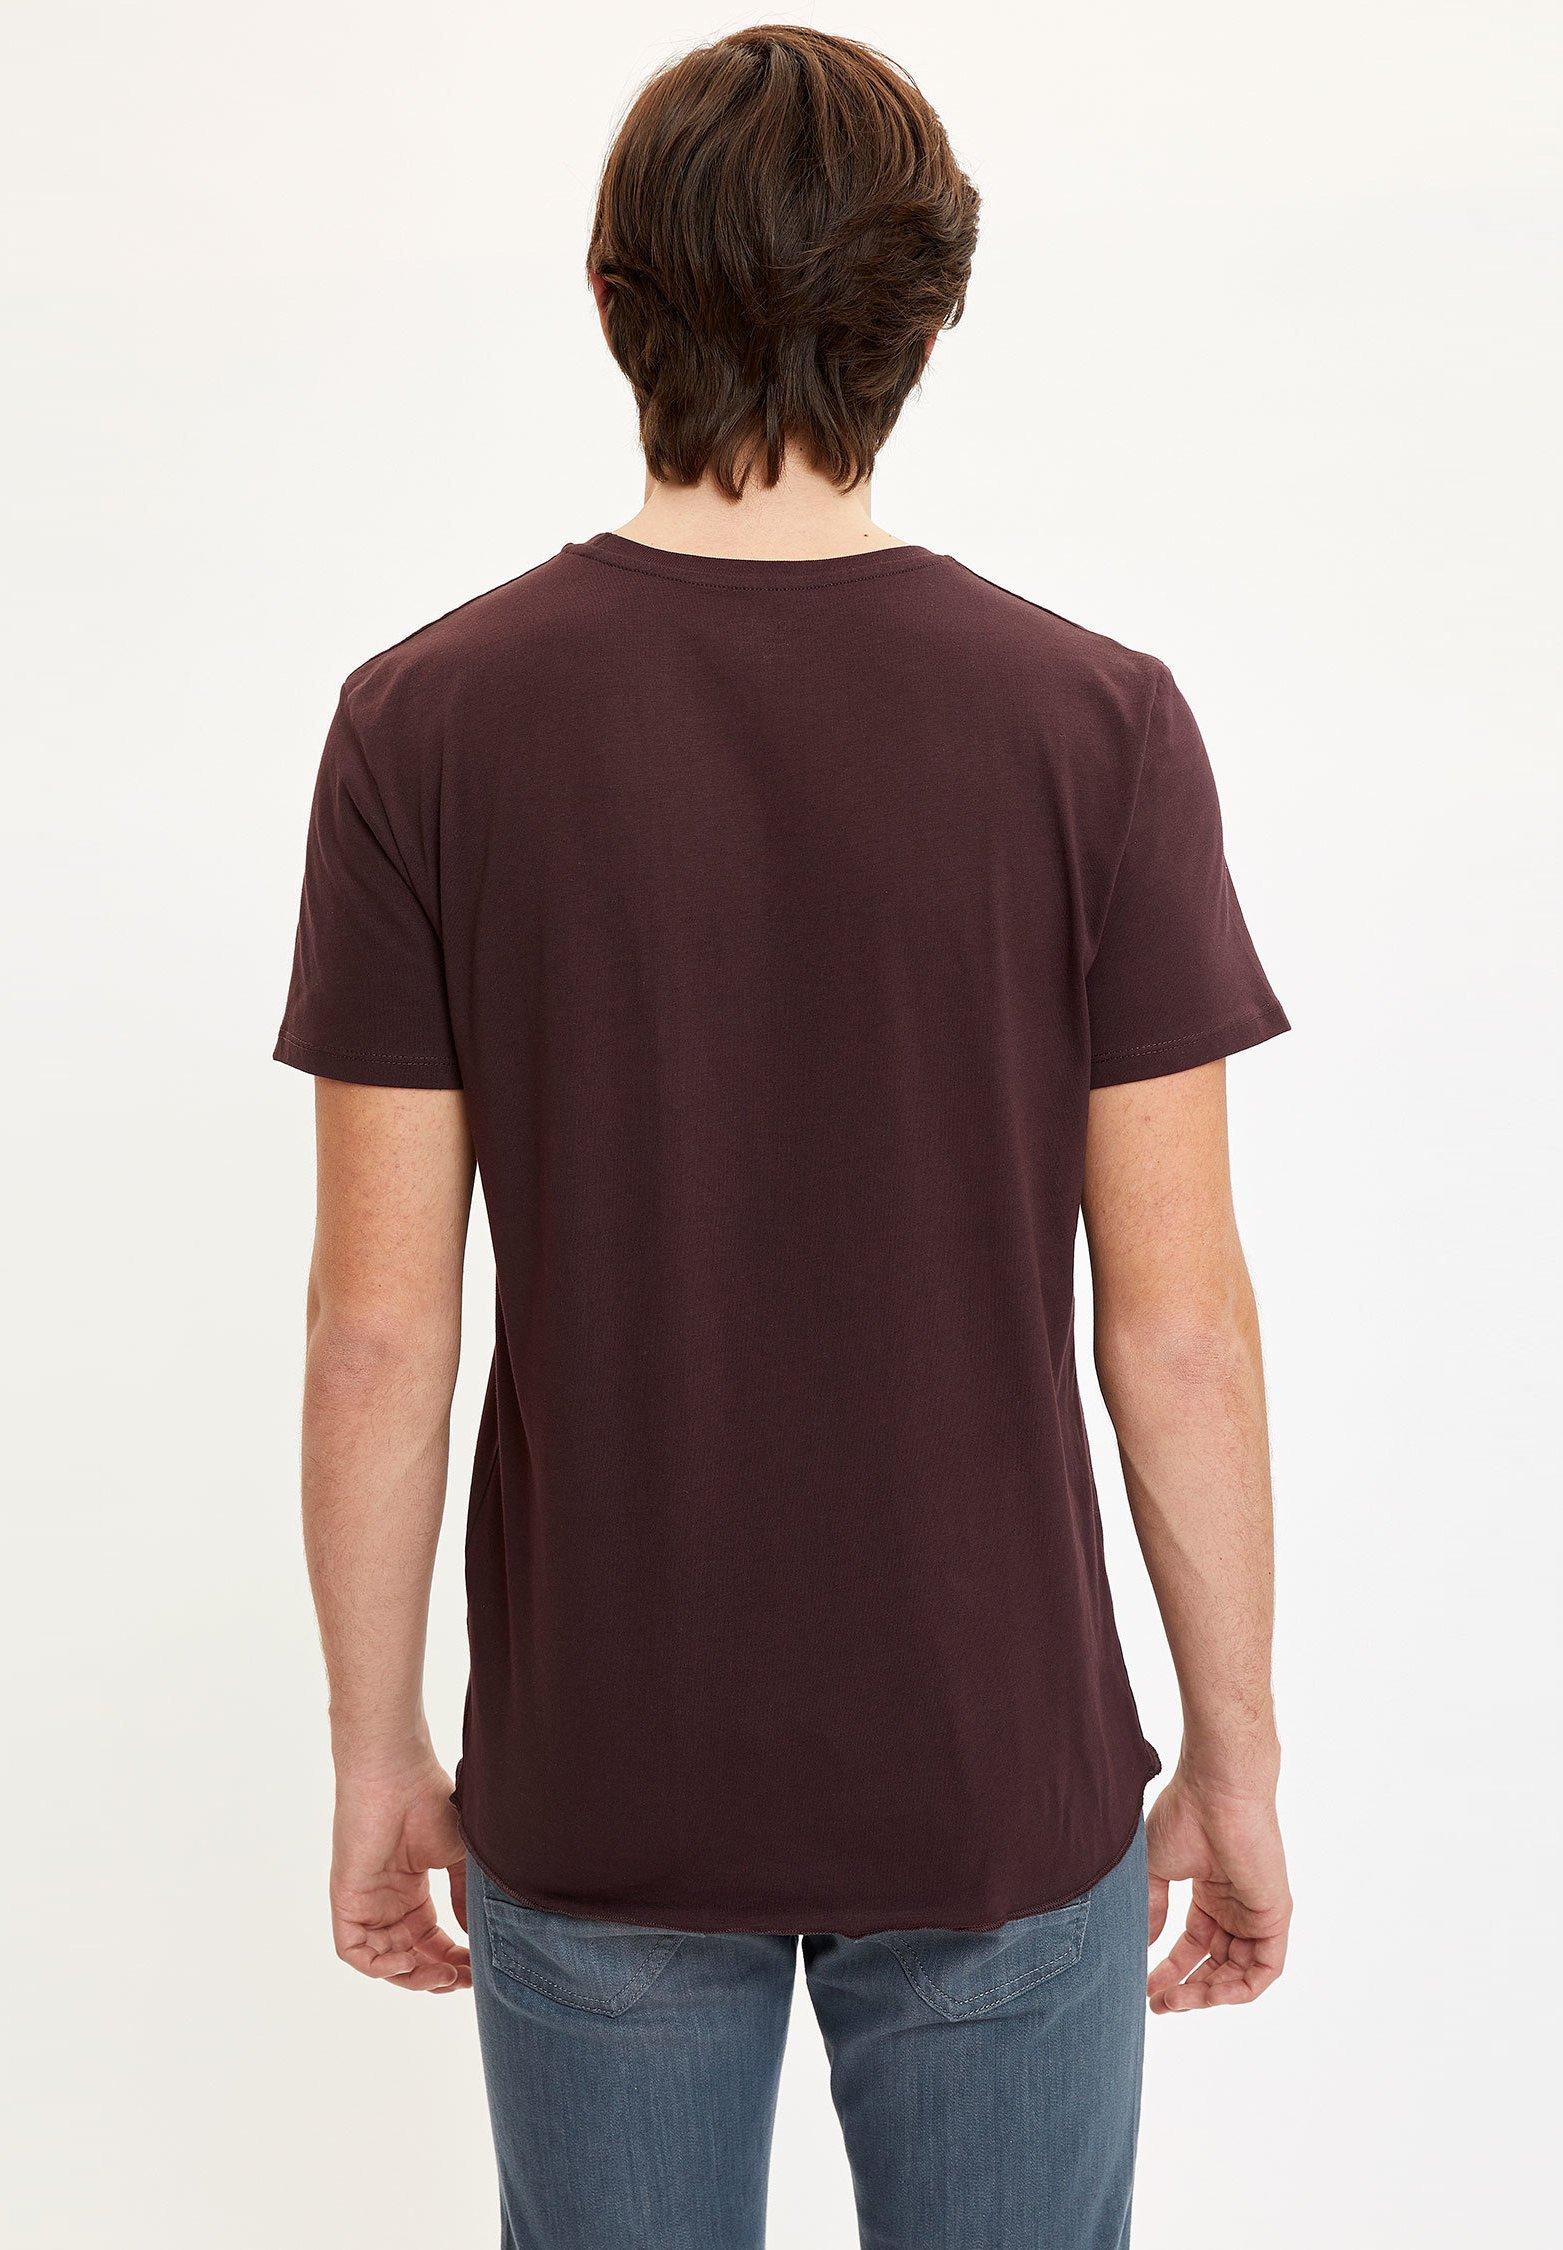 DeFacto Print T-shirt - bordeaux nlupj